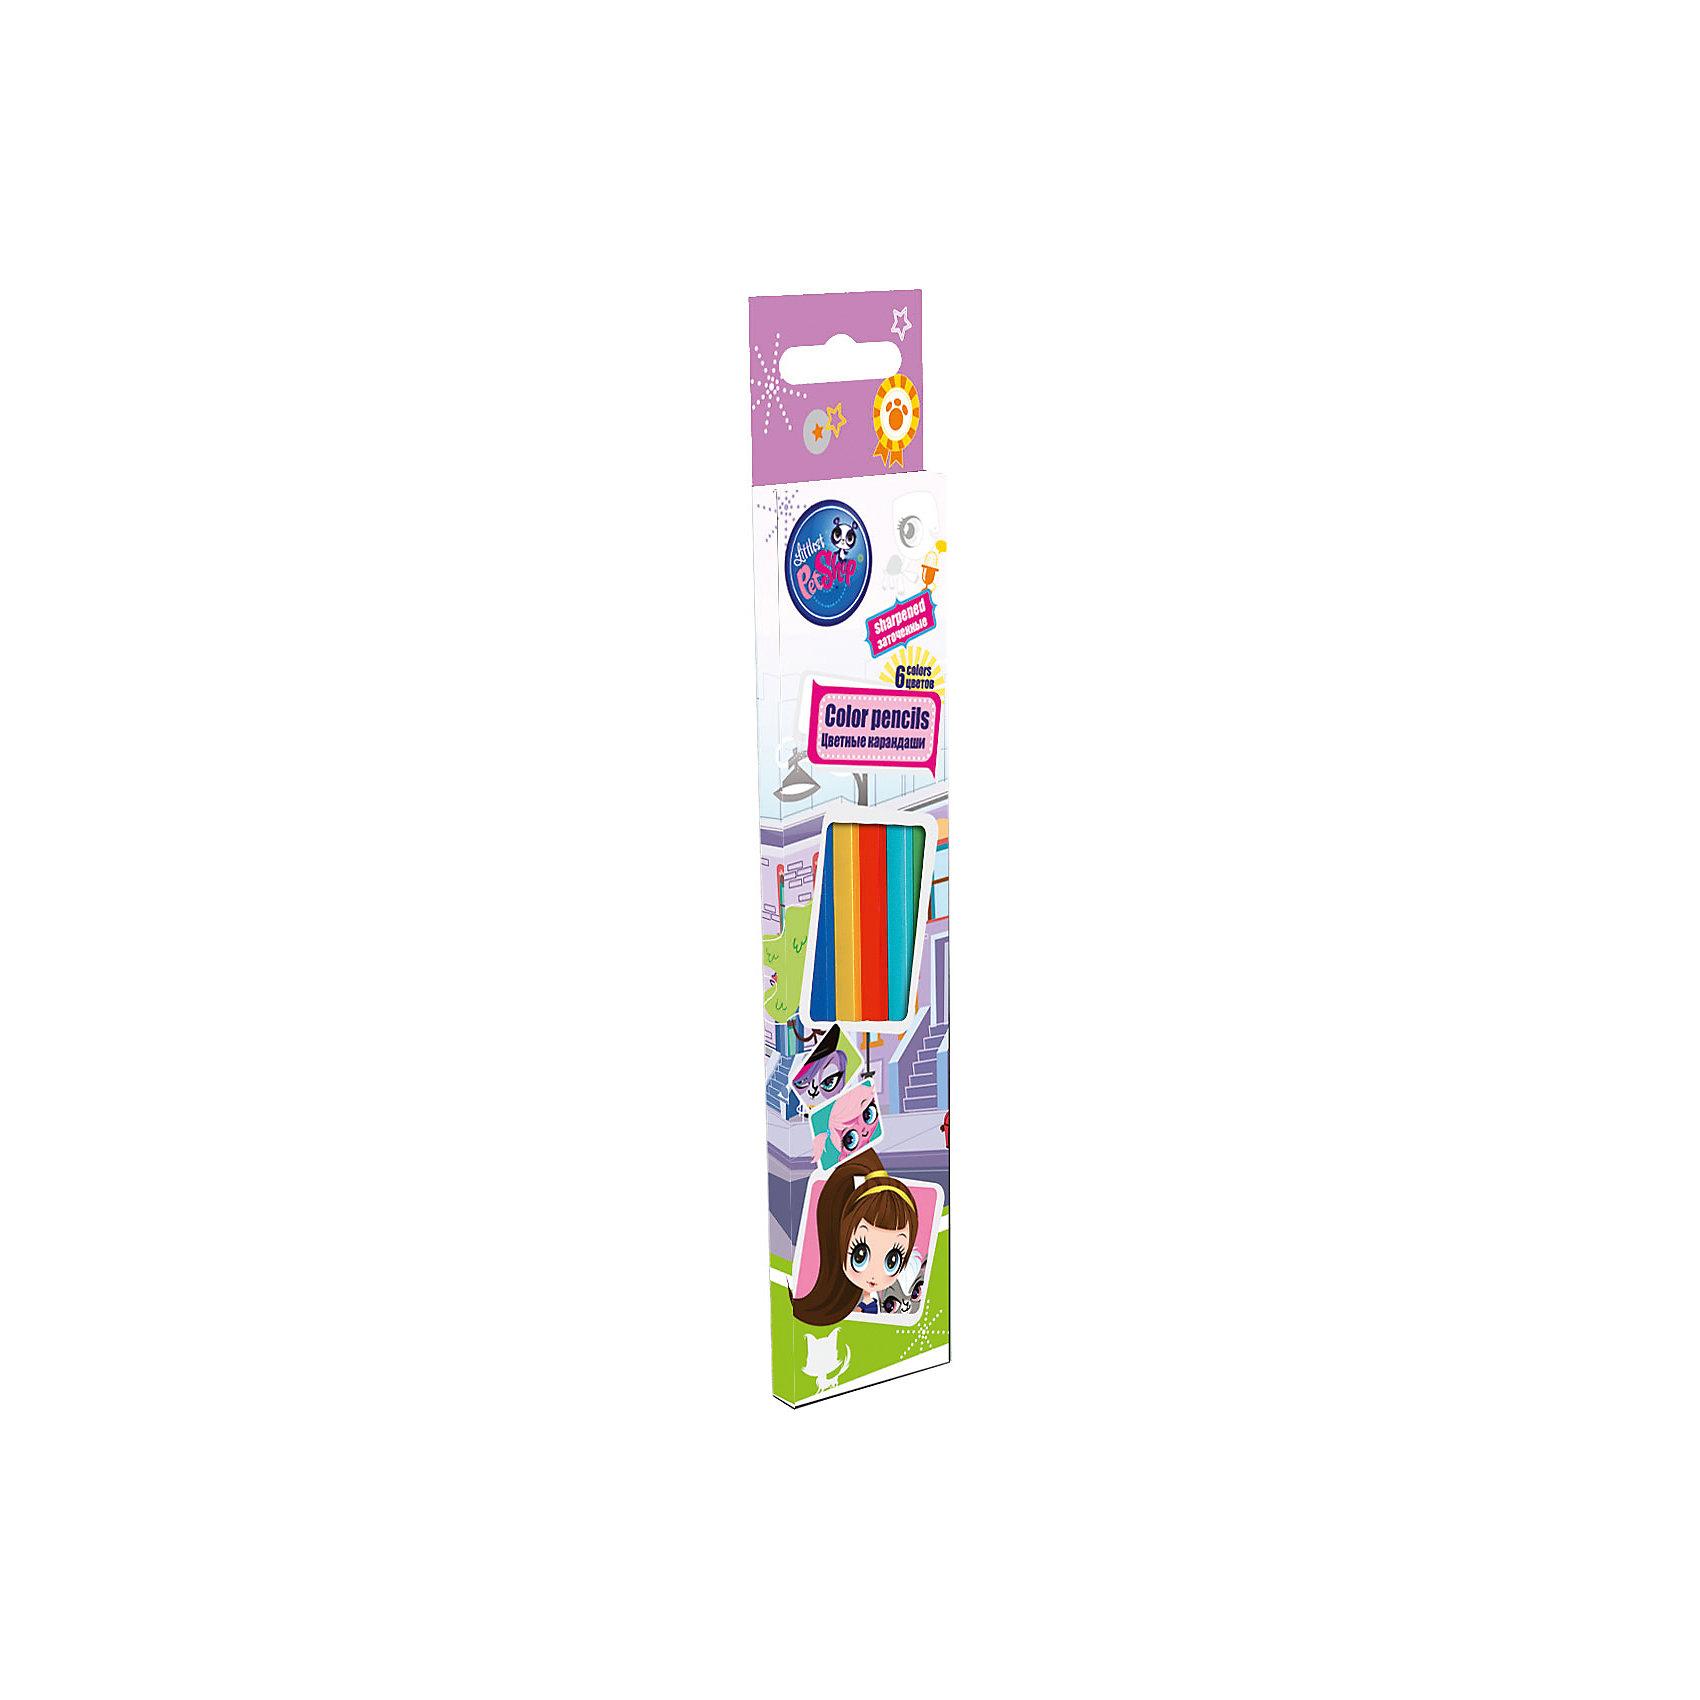 Цветные карандаши 6 шт, Littlest Pet ShopЦветные карандаши 6 шт, Littlest Pet Shop - эти карандаши прекрасно подходят для творческих занятий Вашего ребёнка!<br>Цветные карандаши Littlest Pet Shop откроют юным художникам новые горизонты для творчества, а также помогут развить мелкую моторику рук, цветовое восприятие, фантазию и воображение. В набор входят 6 заточенных карандашей, которые имеют деревянный корпус с лаковой отделкой. Карандаши обладают яркими цветами. Мягкий и прочный грифель и не царапает бумагу. Они станут прекрасным подарком для вашего ребенка и порадуют отличным качеством. Коробка оформлена в стиле известного мультсериала Littlest Pet Shop.<br><br>Дополнительная информация:<br><br>- В наборе: 6 цветных заточенных карандашей<br>- Длина: 17,8 см.<br>- Материал корпуса: древесина тополь<br>- Диаметр грифеля: 2,65 мм.<br>- Упаковка: картонная коробка с европодвесом<br>- Размер упаковки: 21 х 4,5 х 1 см.<br>- Вес: 28 гр.<br><br>Цветные карандаши 6 шт, Littlest Pet Shop можно купить в нашем интернет-магазине.<br><br>Ширина мм: 45<br>Глубина мм: 10<br>Высота мм: 210<br>Вес г: 28<br>Возраст от месяцев: 48<br>Возраст до месяцев: 84<br>Пол: Женский<br>Возраст: Детский<br>SKU: 4489544